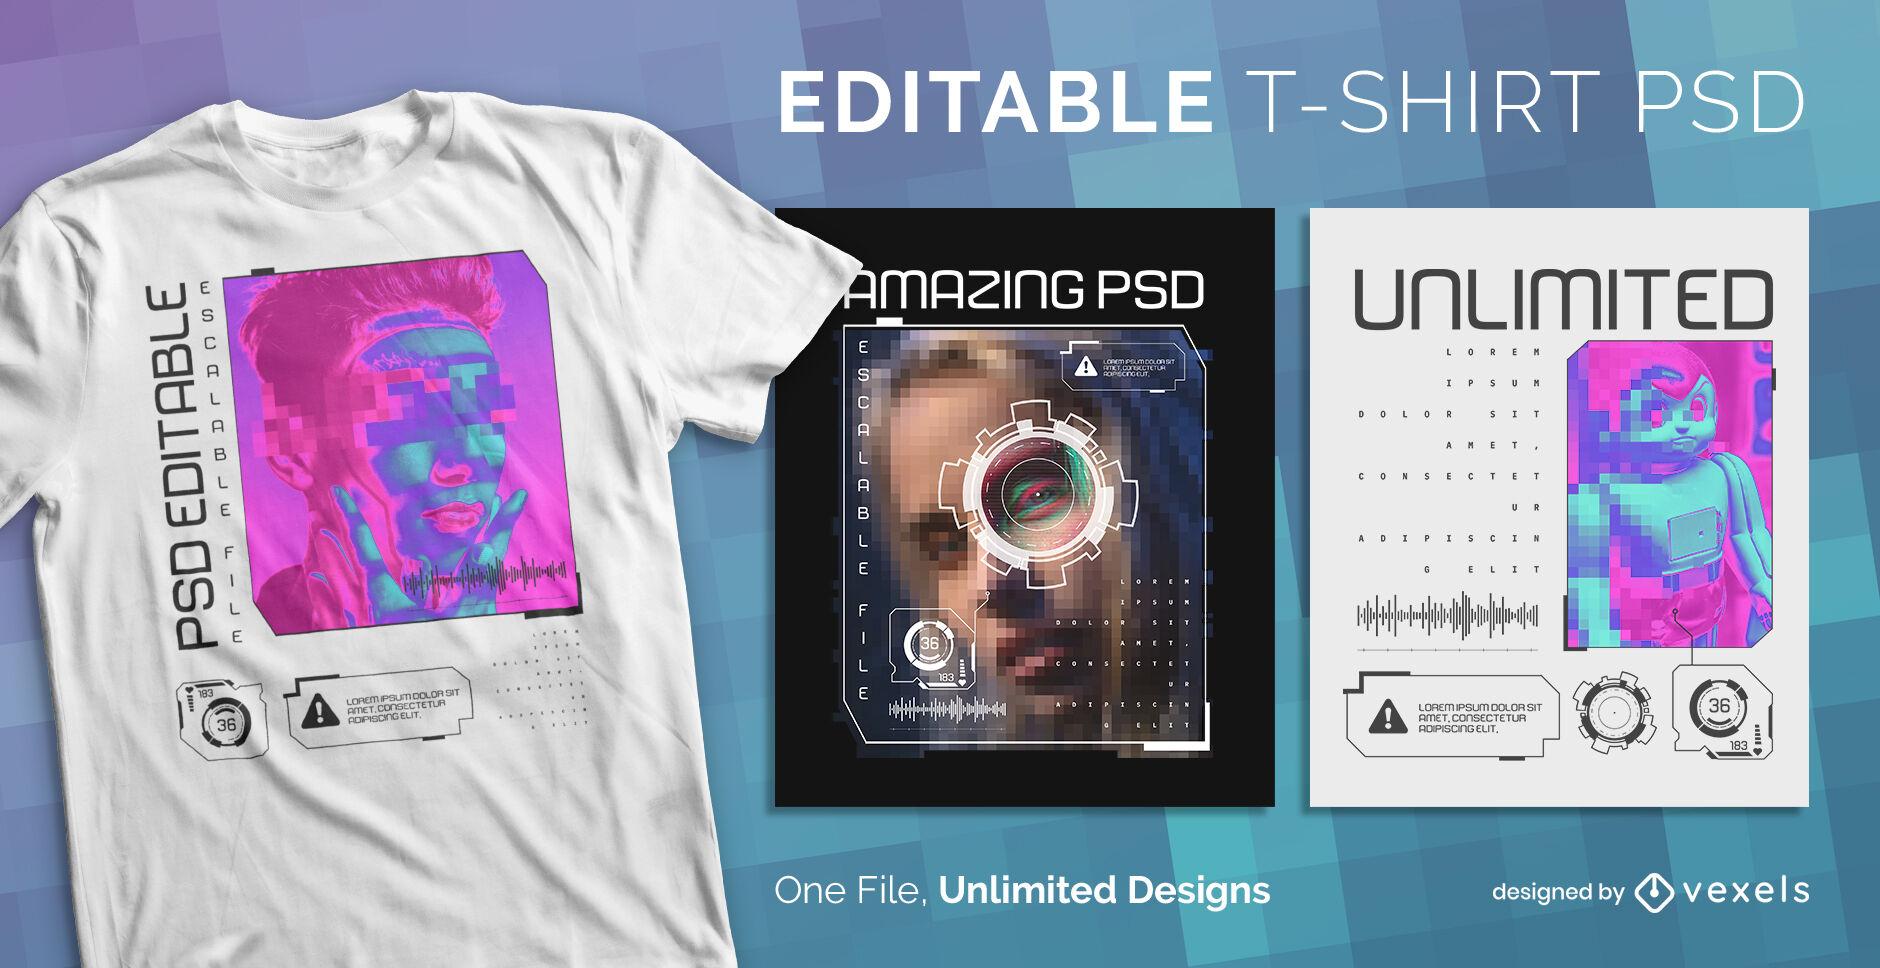 Diseño de camiseta psd escalable de efectos digitales.